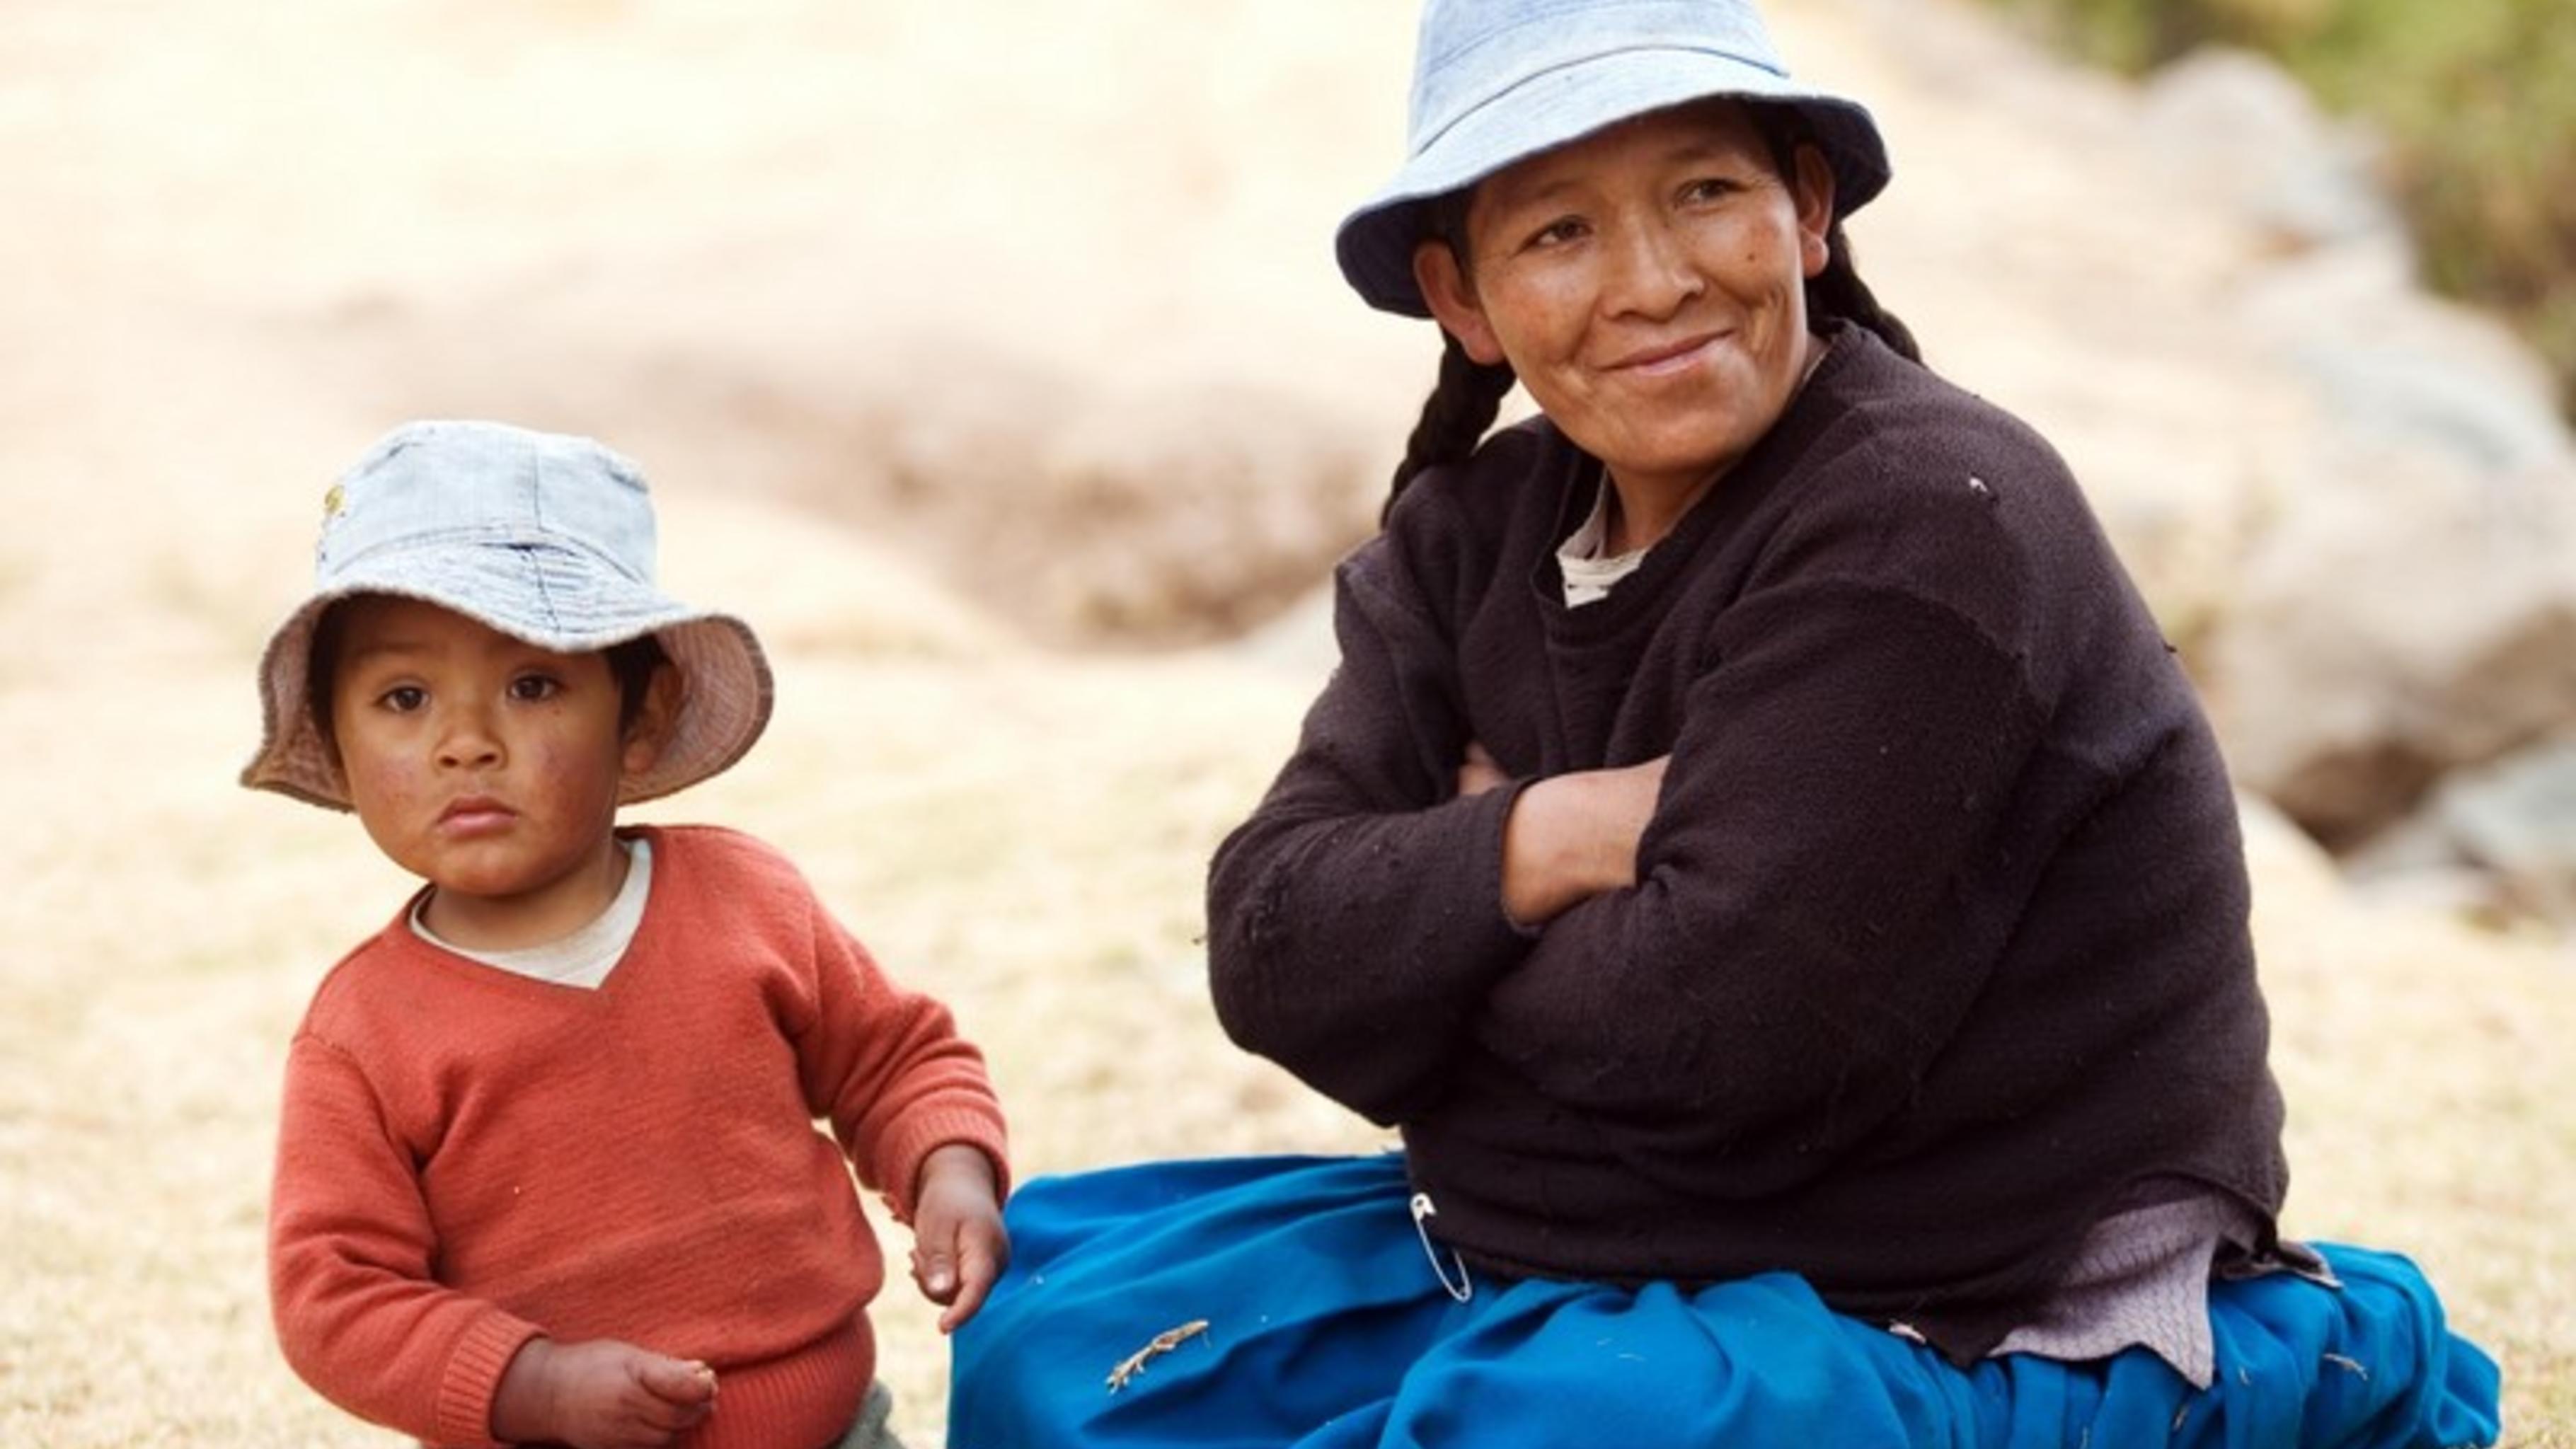 Lucia Quispe, Kleinbäuerin aus Khapi, einem Dorf am Fuße des Illimani-Gletschers